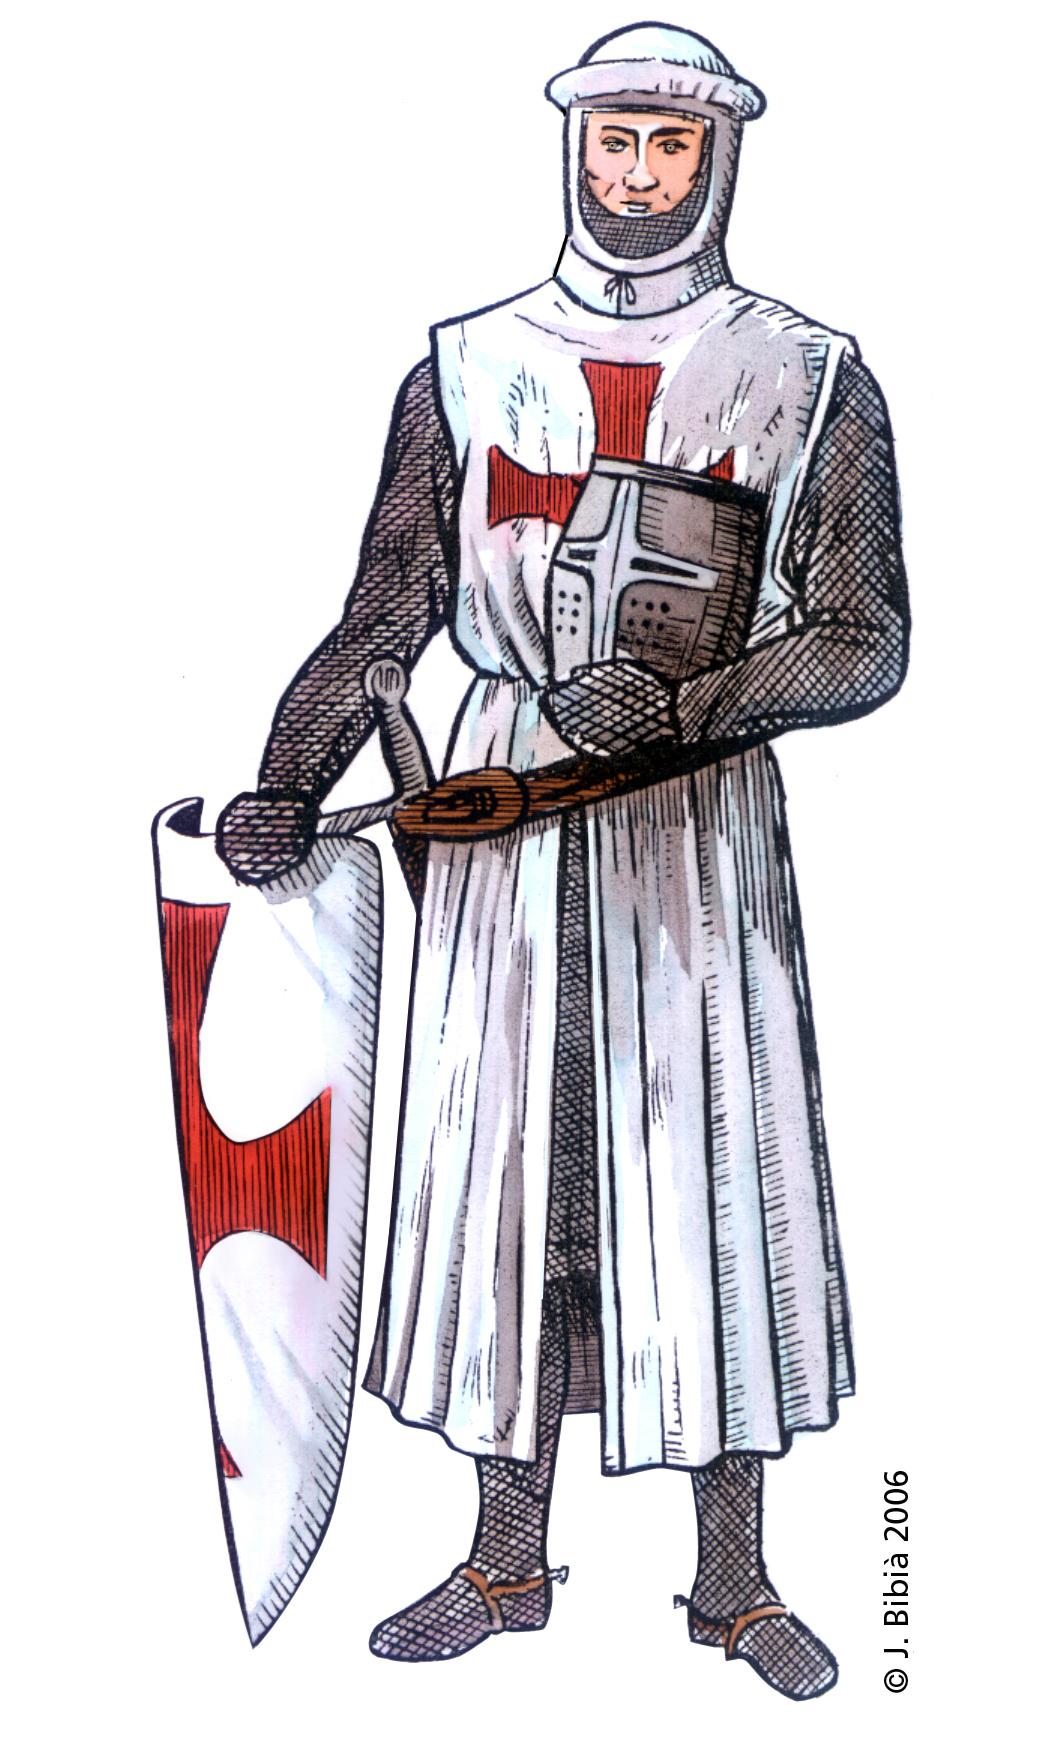 14.05.2004 Cavaller templer. La funció d'aquesta ordre era la de protegir els camins de pelegrinatge. Fundada el 1112 sota el nom dels Cavallers de Crist del Temple de Salomó de Jerusalem. La primera comanda templera a la Península, fou a Granyena de la Segarra, aprox. pel 1136.                                   -  Jordi Bibià